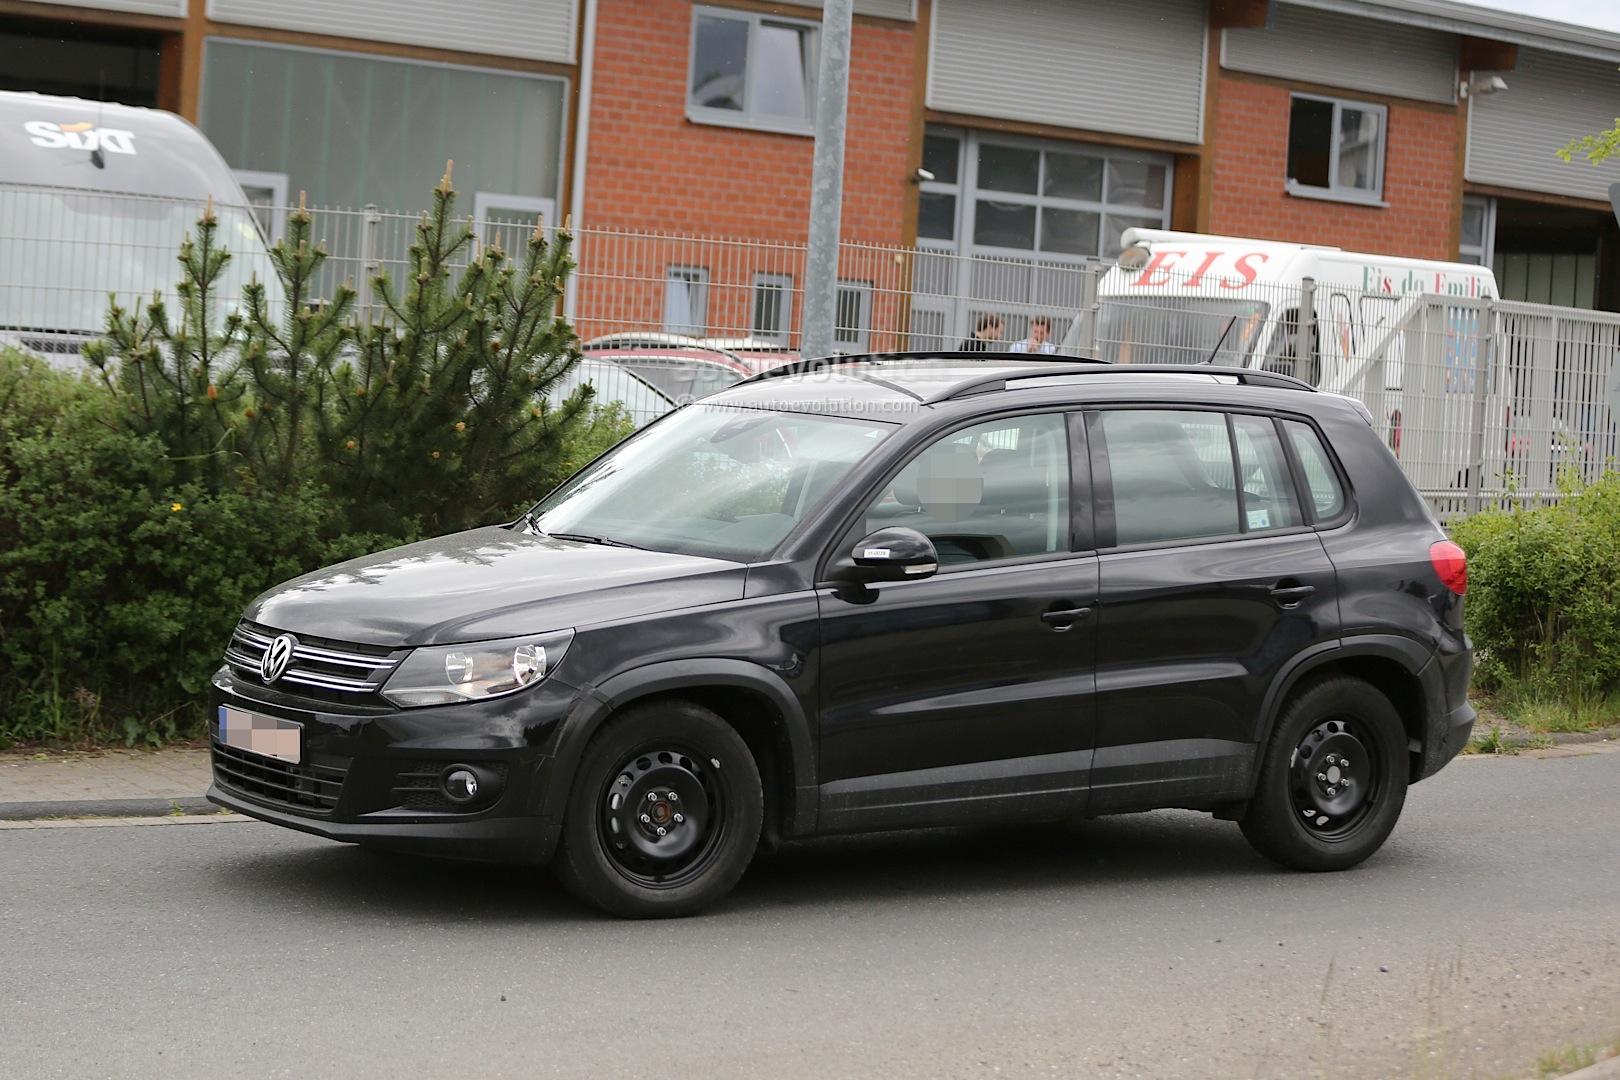 Spyshots: All-New 2015 Volkswagen Tiguan Will Be Wider